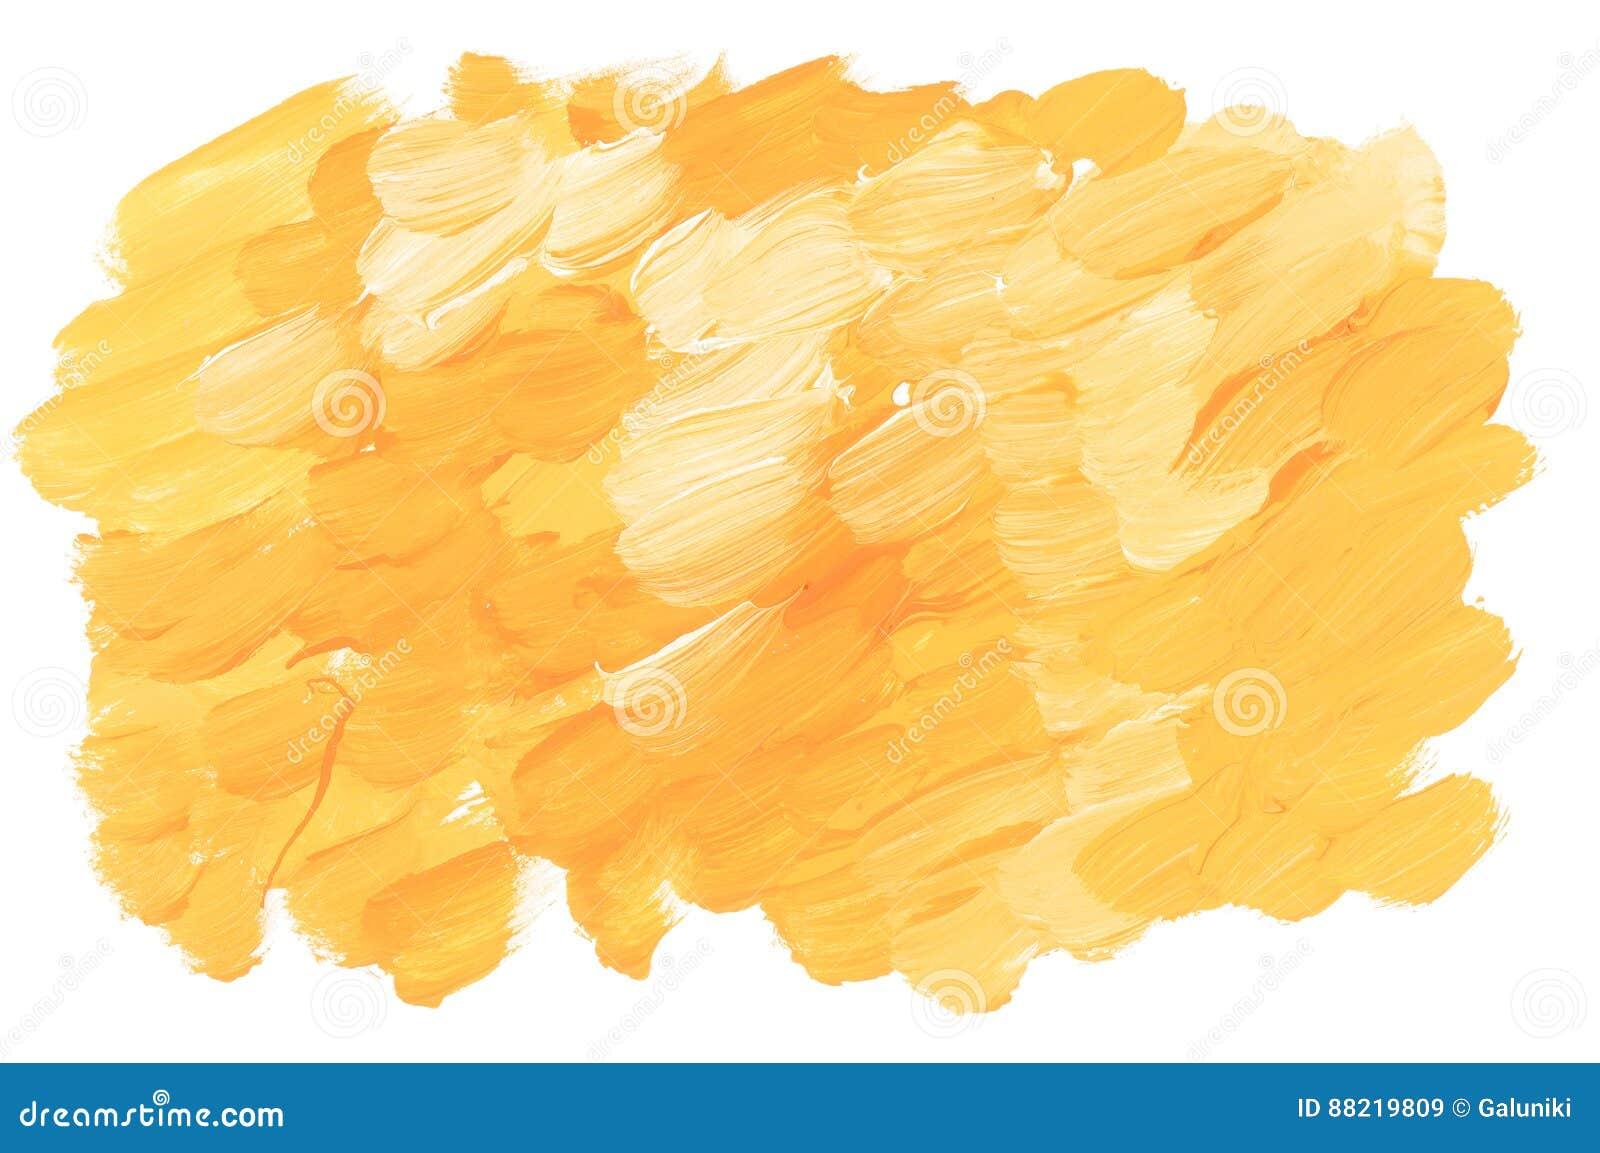 晴朗的黄色丙烯酸漆刷子冲程